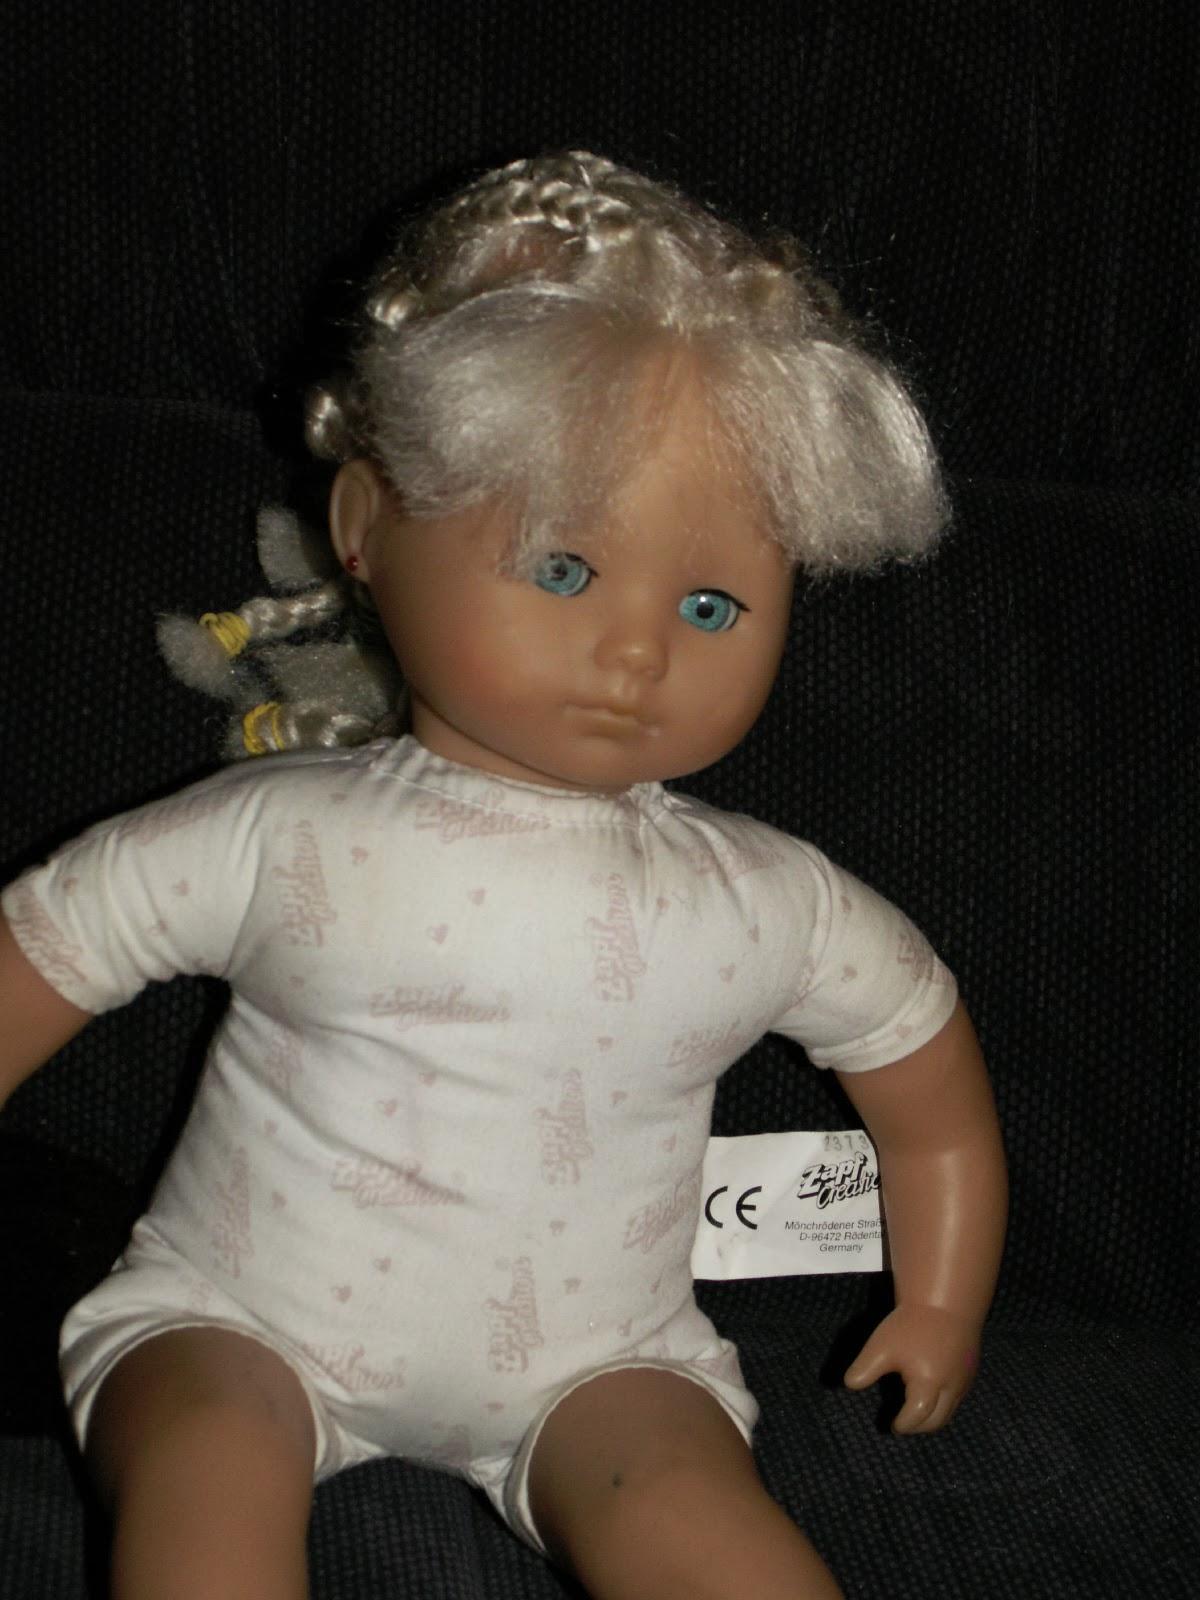 dei di Zapf della bambola salvataggio Twistertentativo capelli Needle rdCexoWB